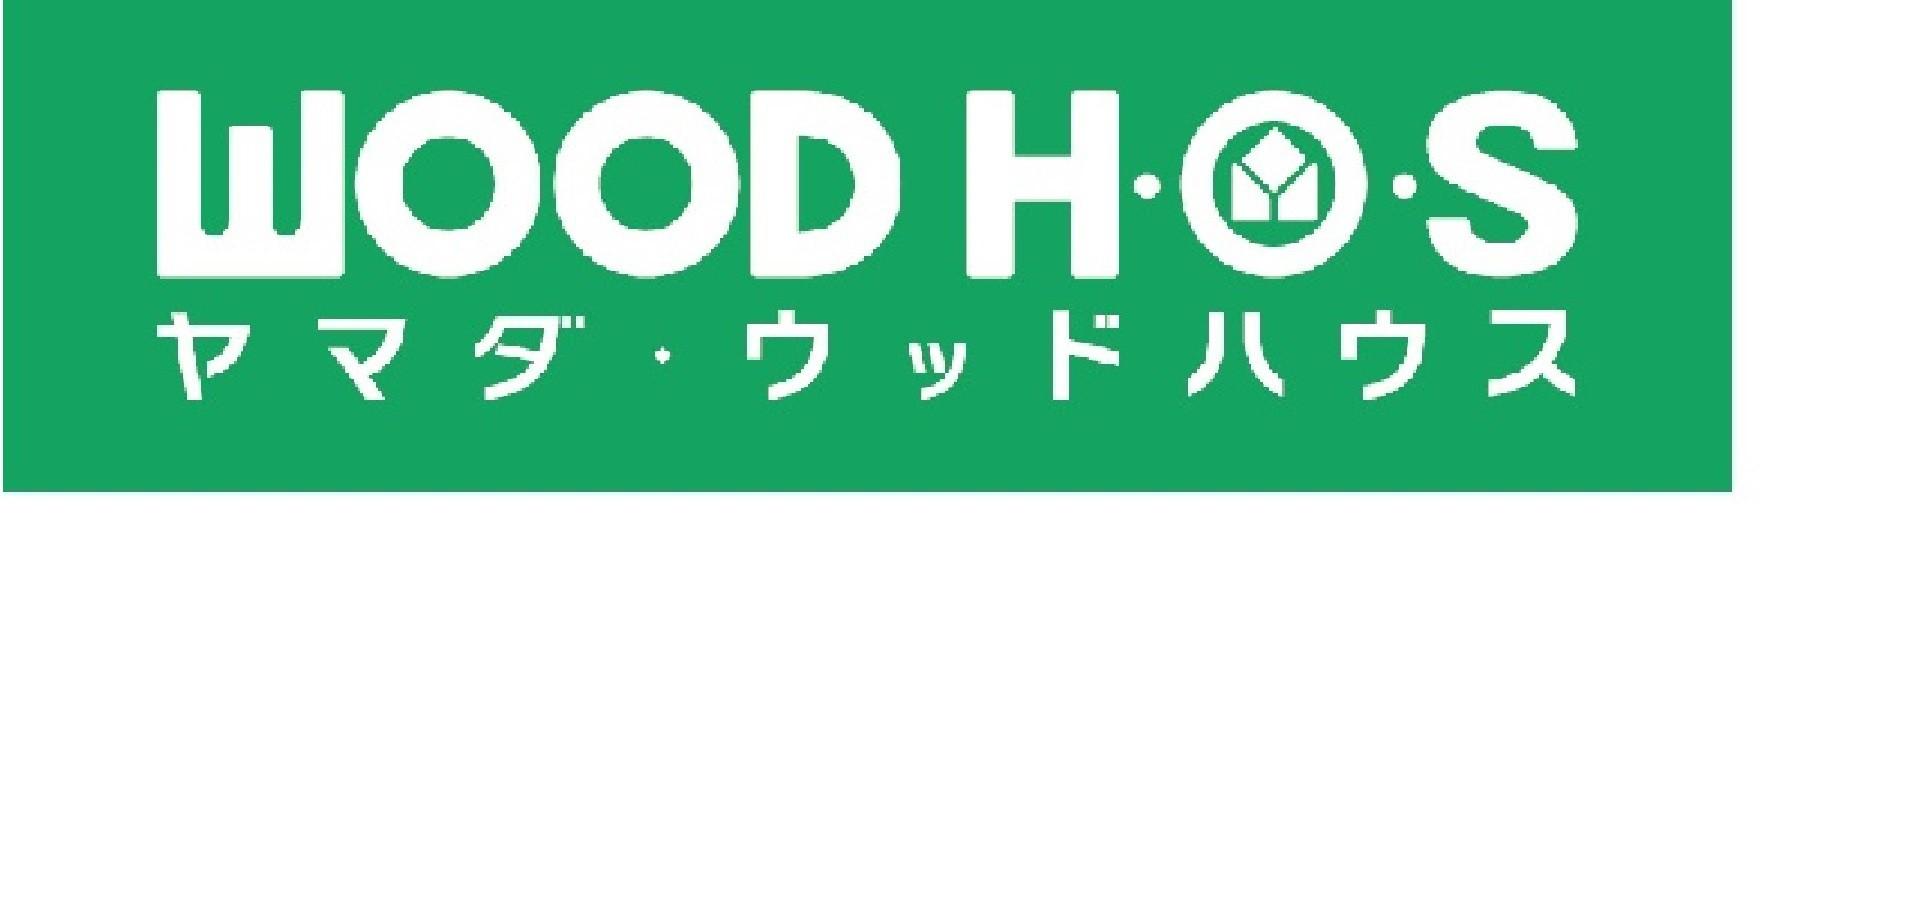 ヤマダウッドハウスロゴ